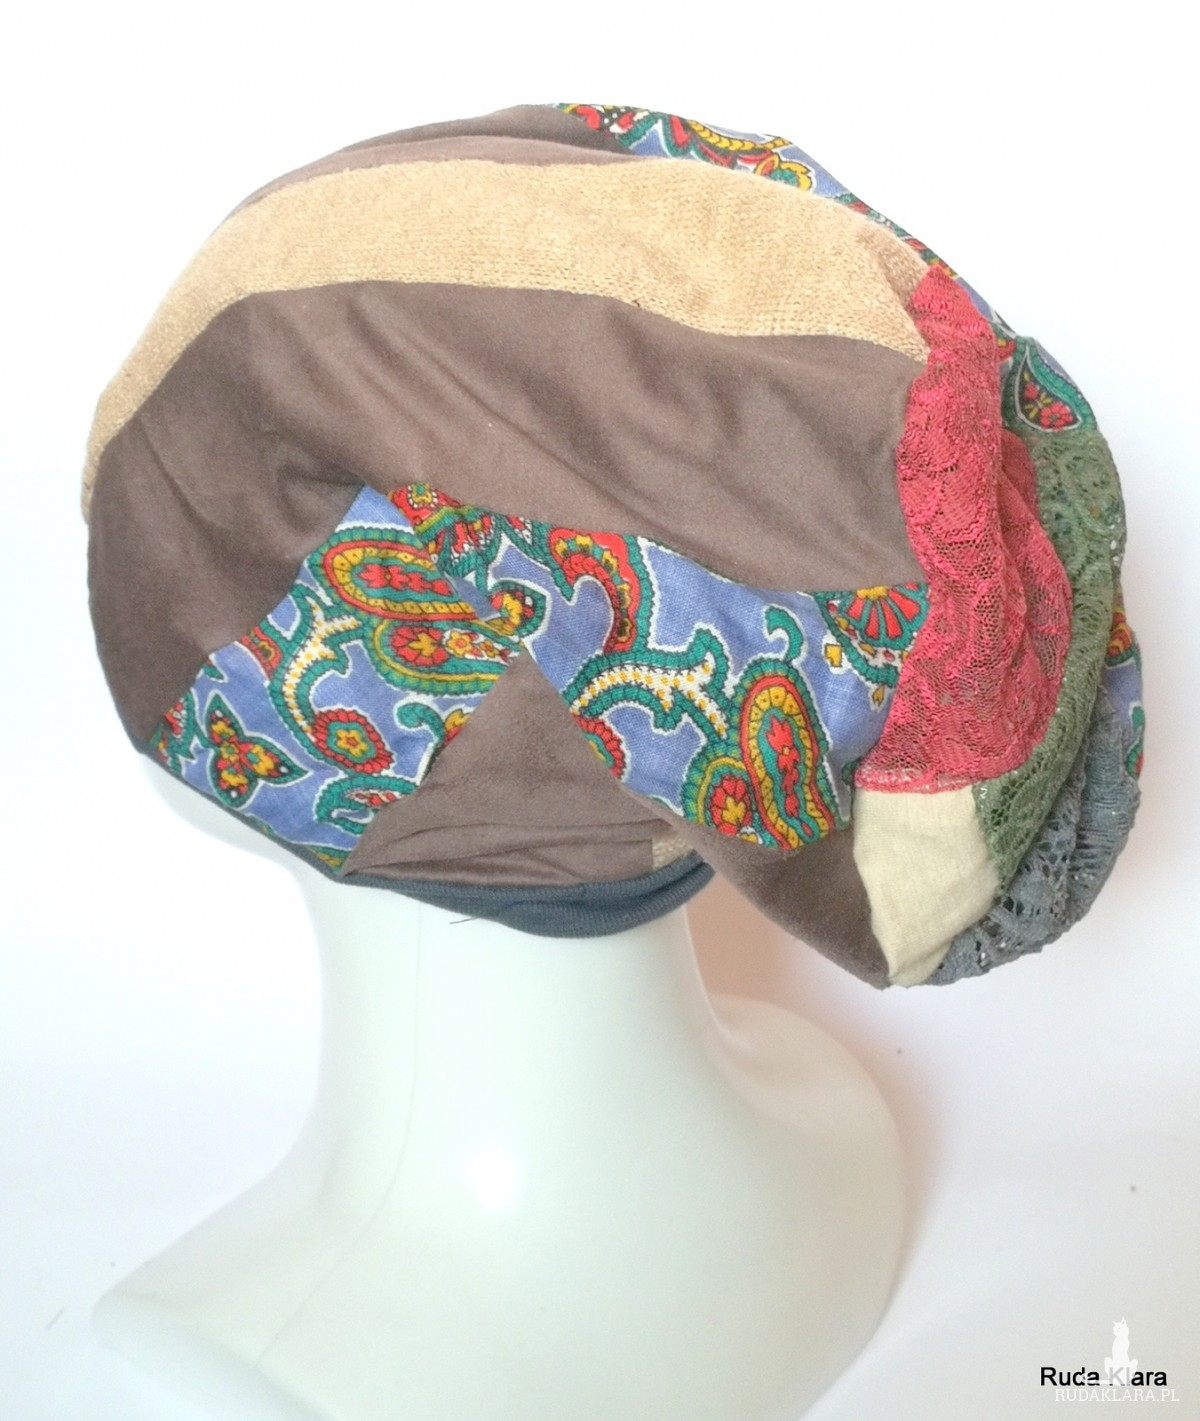 czapka damska patchworkowa na podszewce